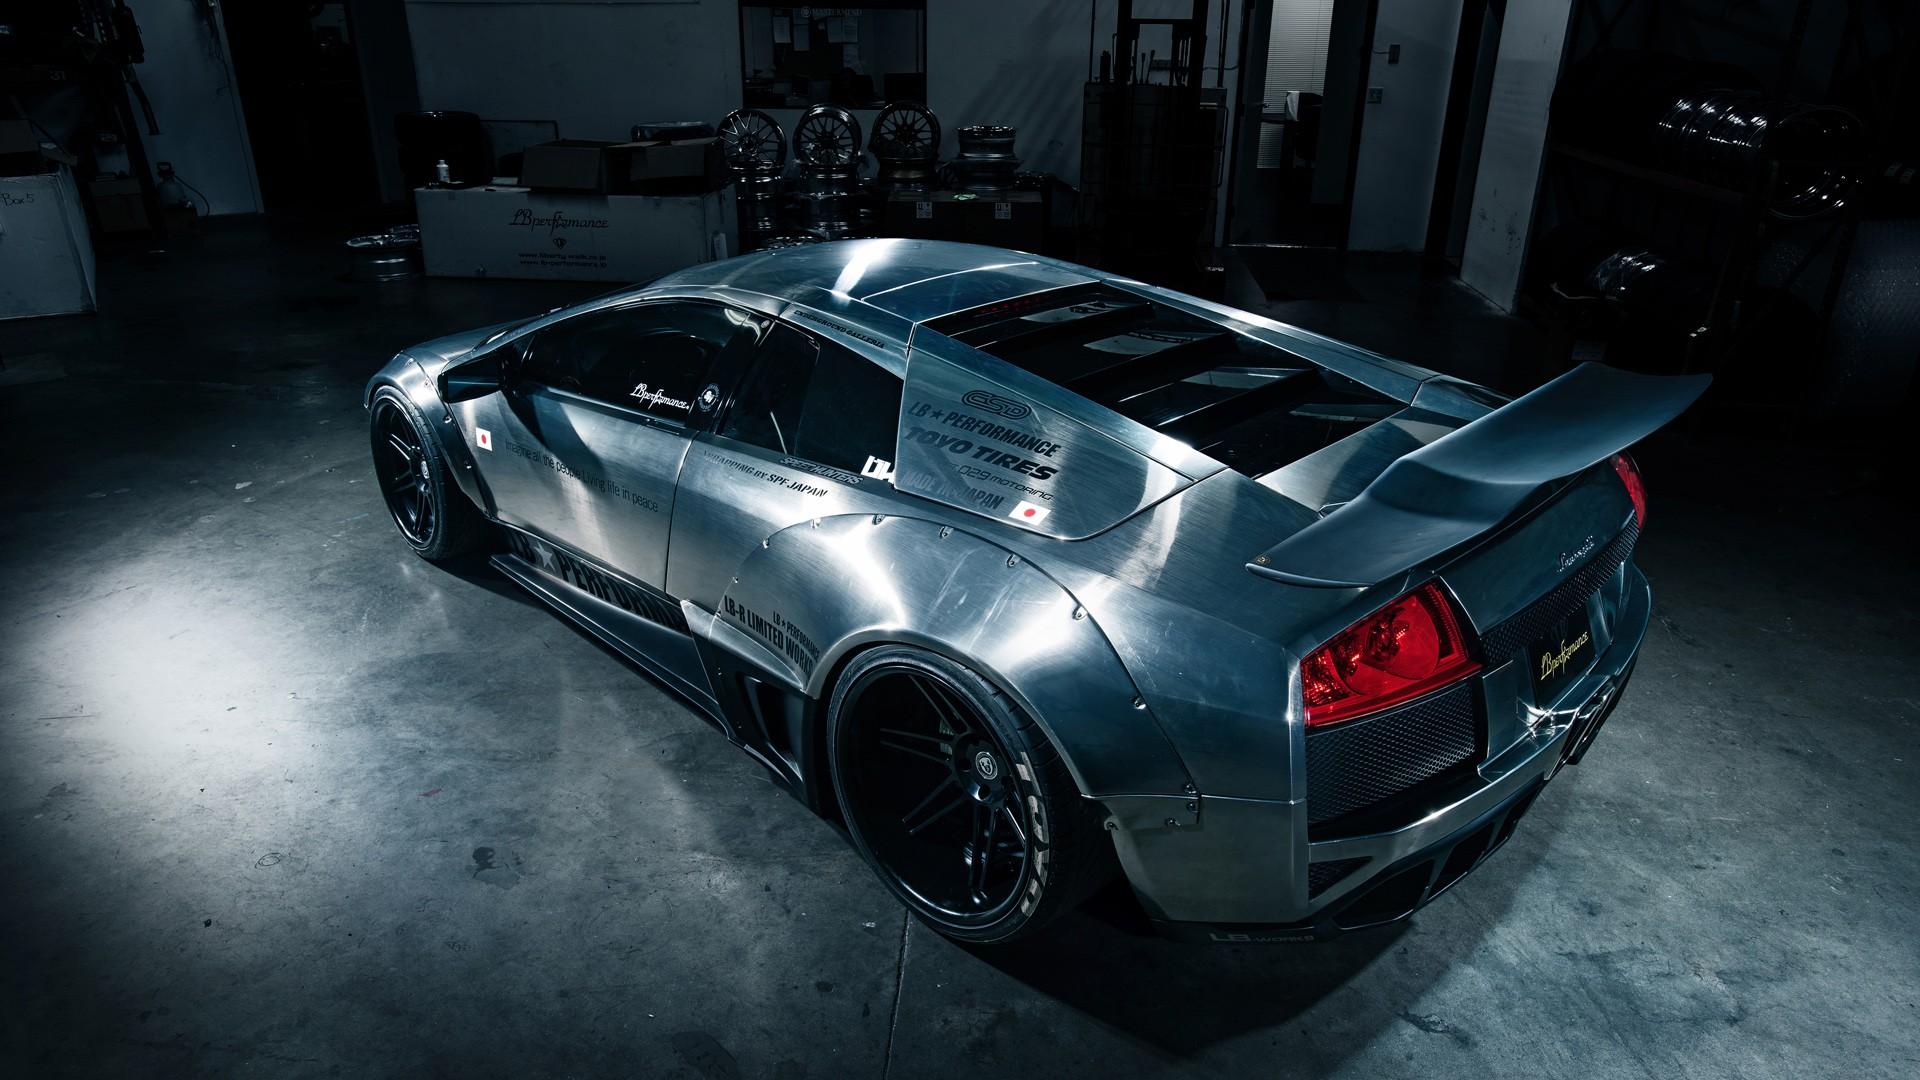 Lamborghini Performance Murcielago 2 Wallpaper | HD Car ...